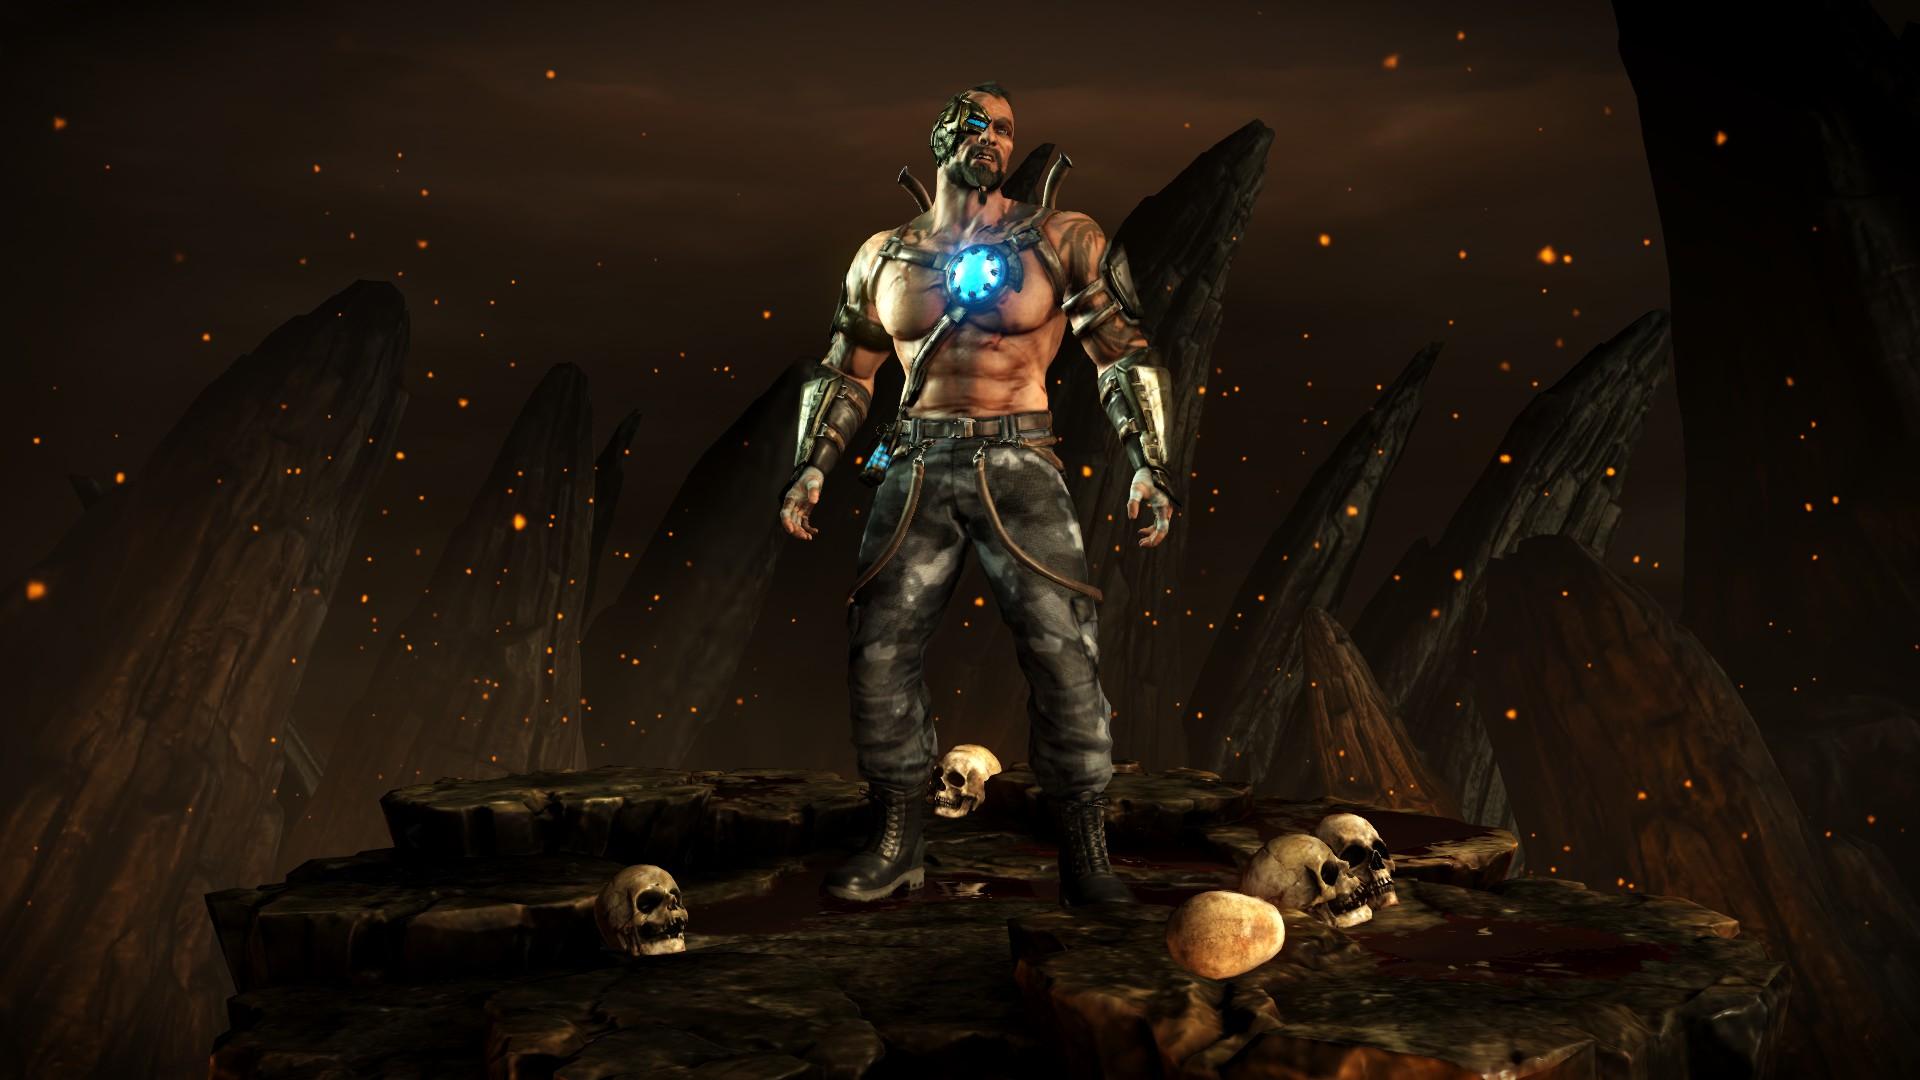 Кано (Стиль: Головорез) - Mortal Kombat X